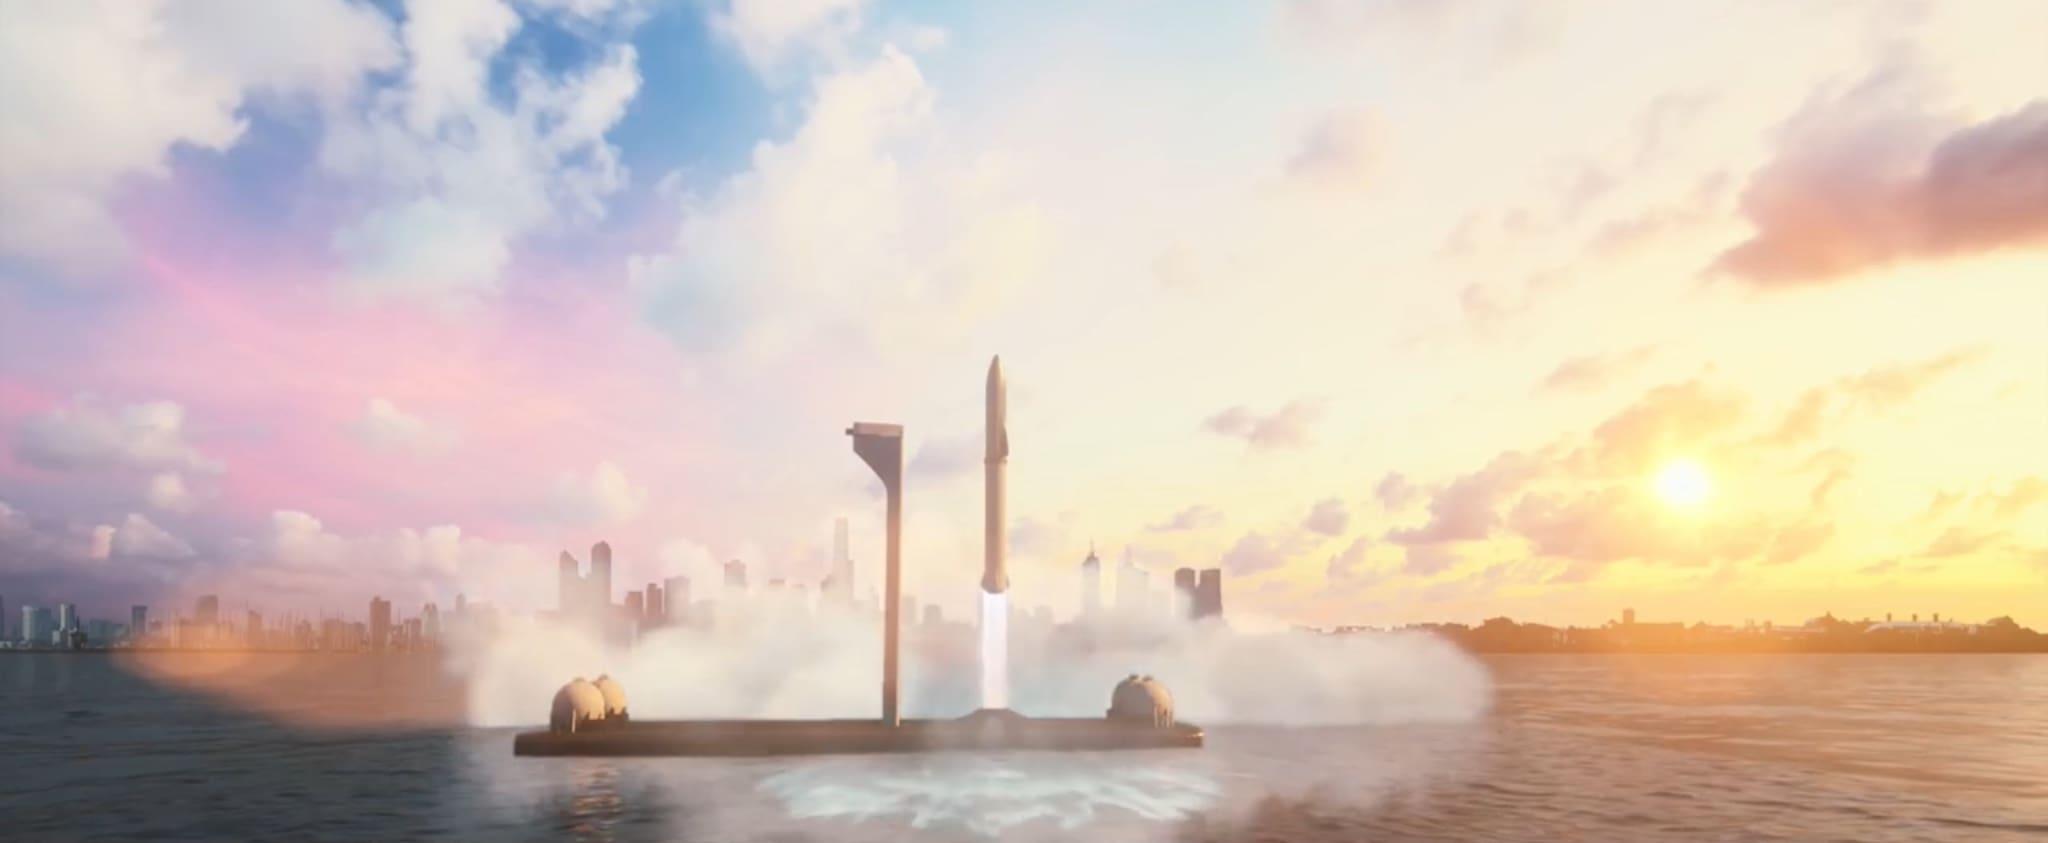 Big Falcon Rocket может долететь в любую точку планеты за 60 мин